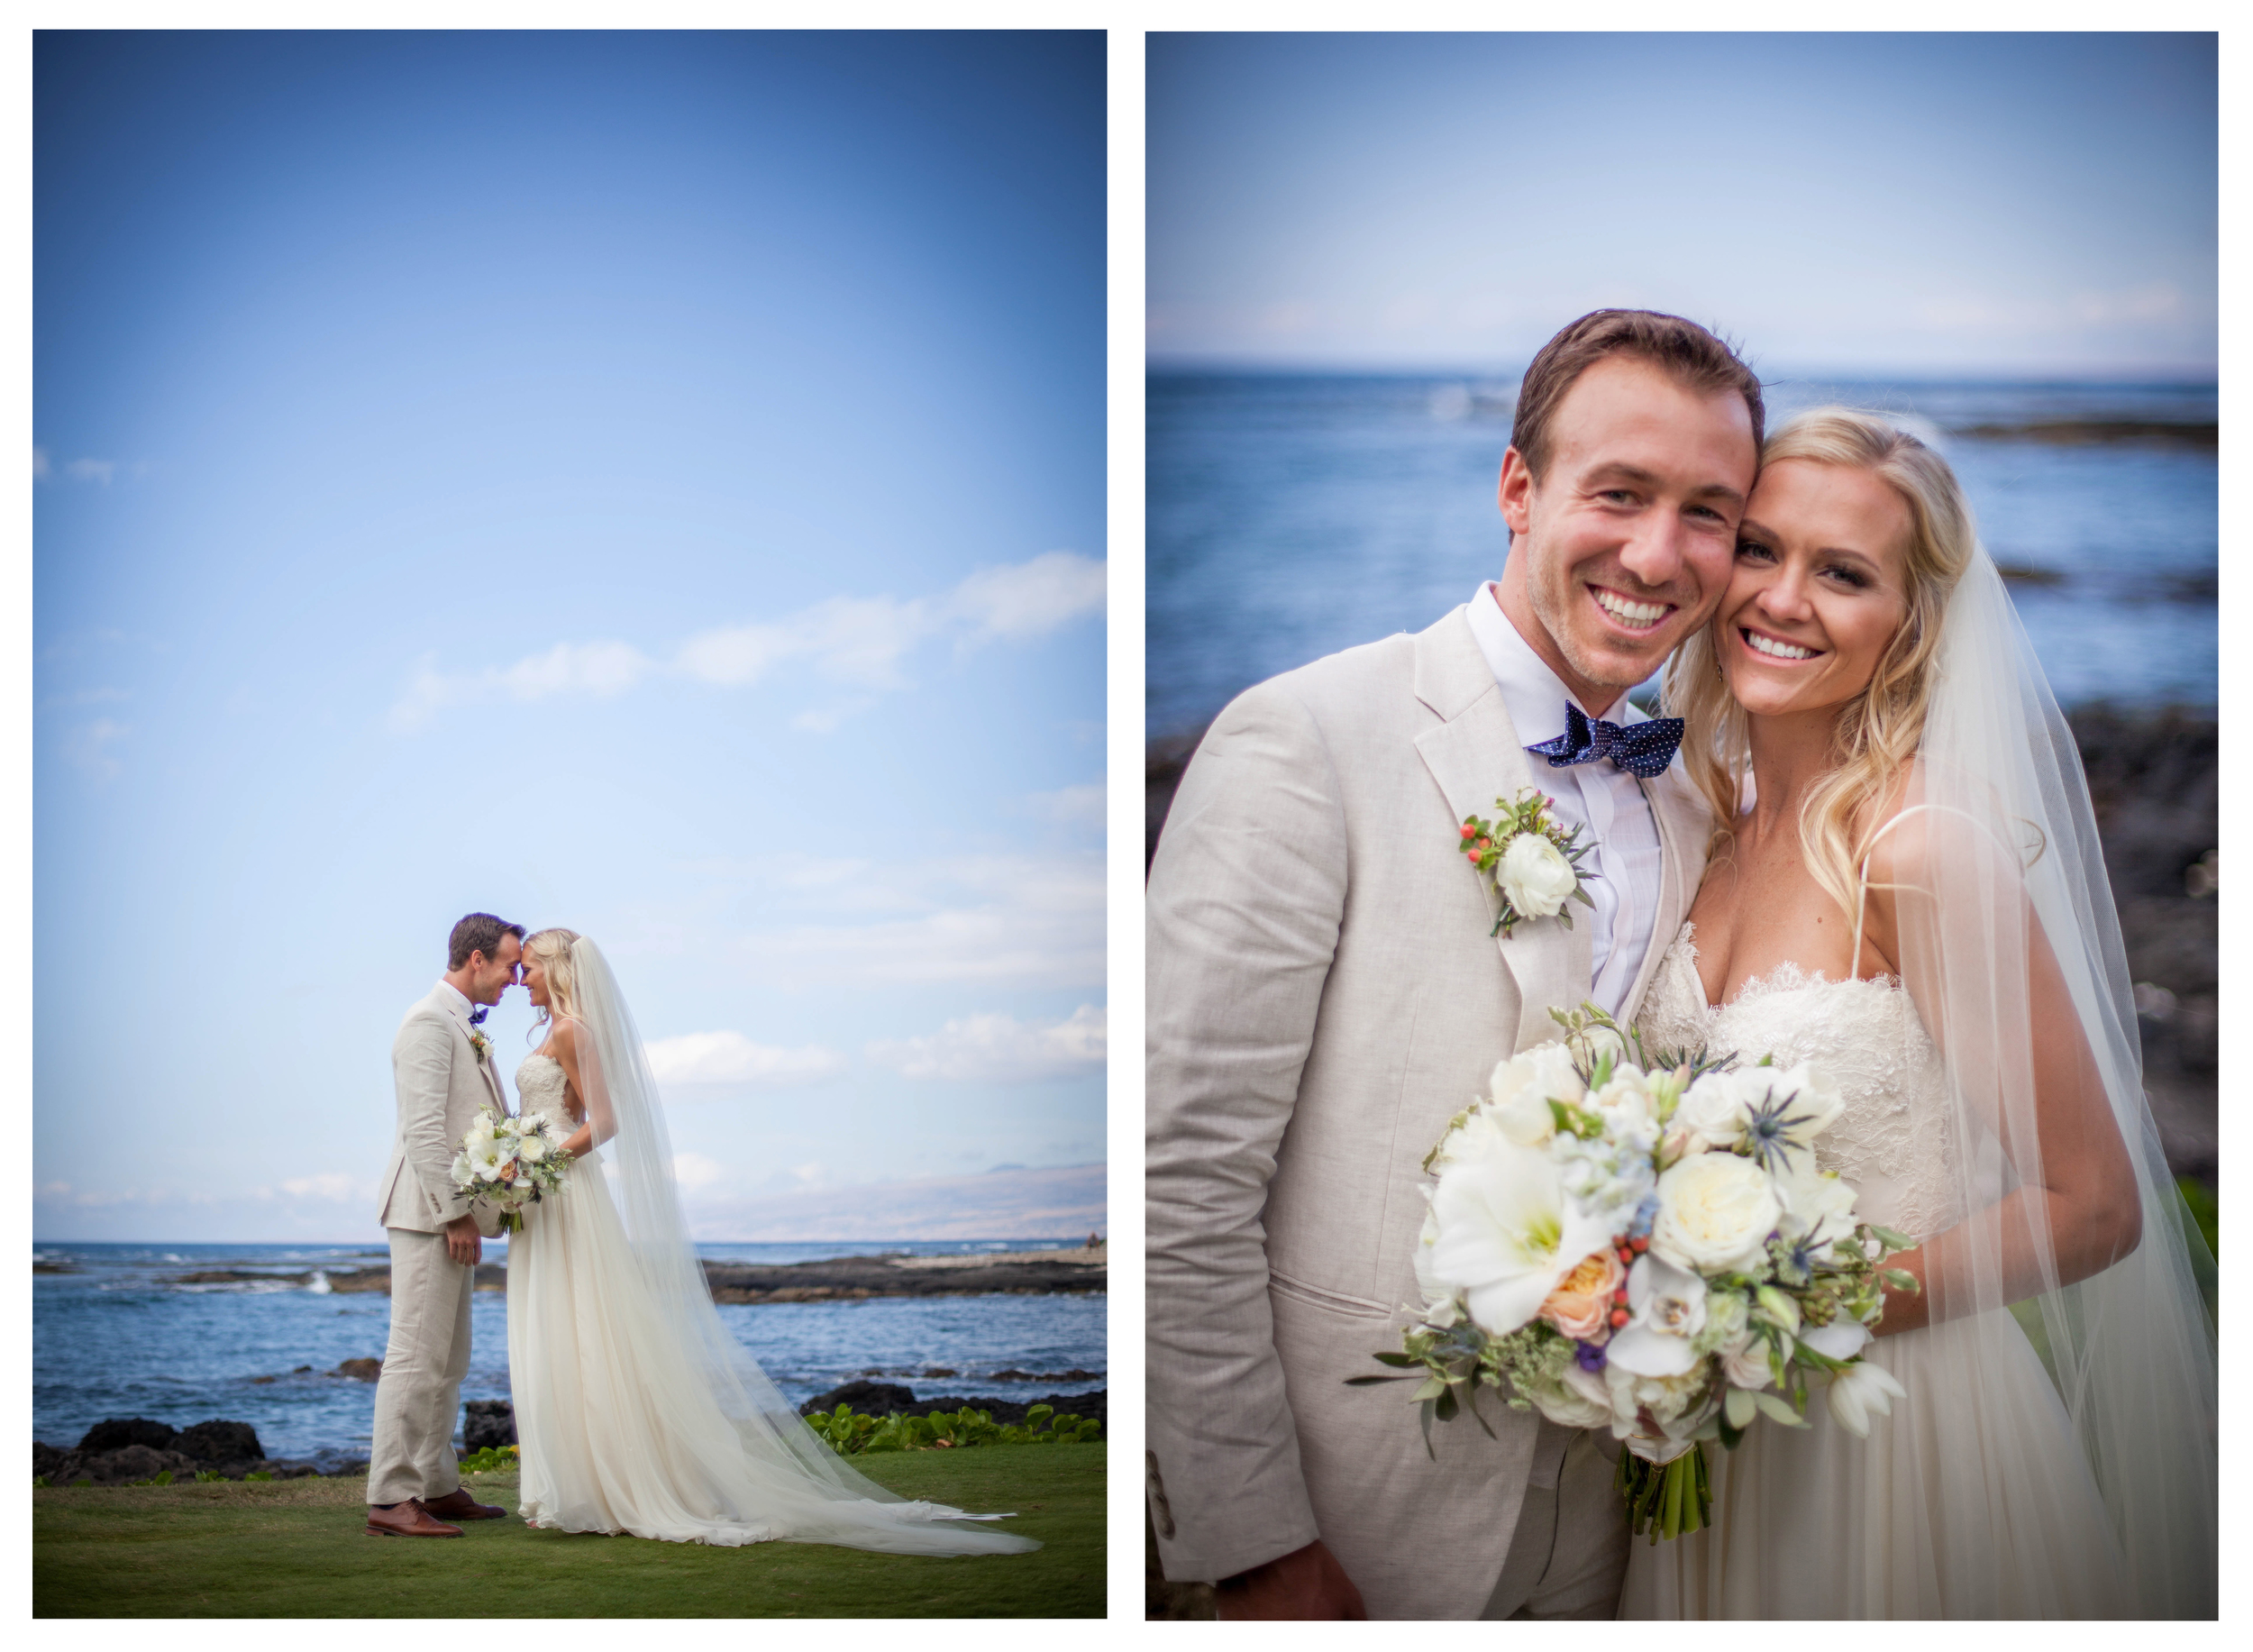 big island hawaii mauna lani resort wedding © kelilina photography 20160131131244-11.jpg